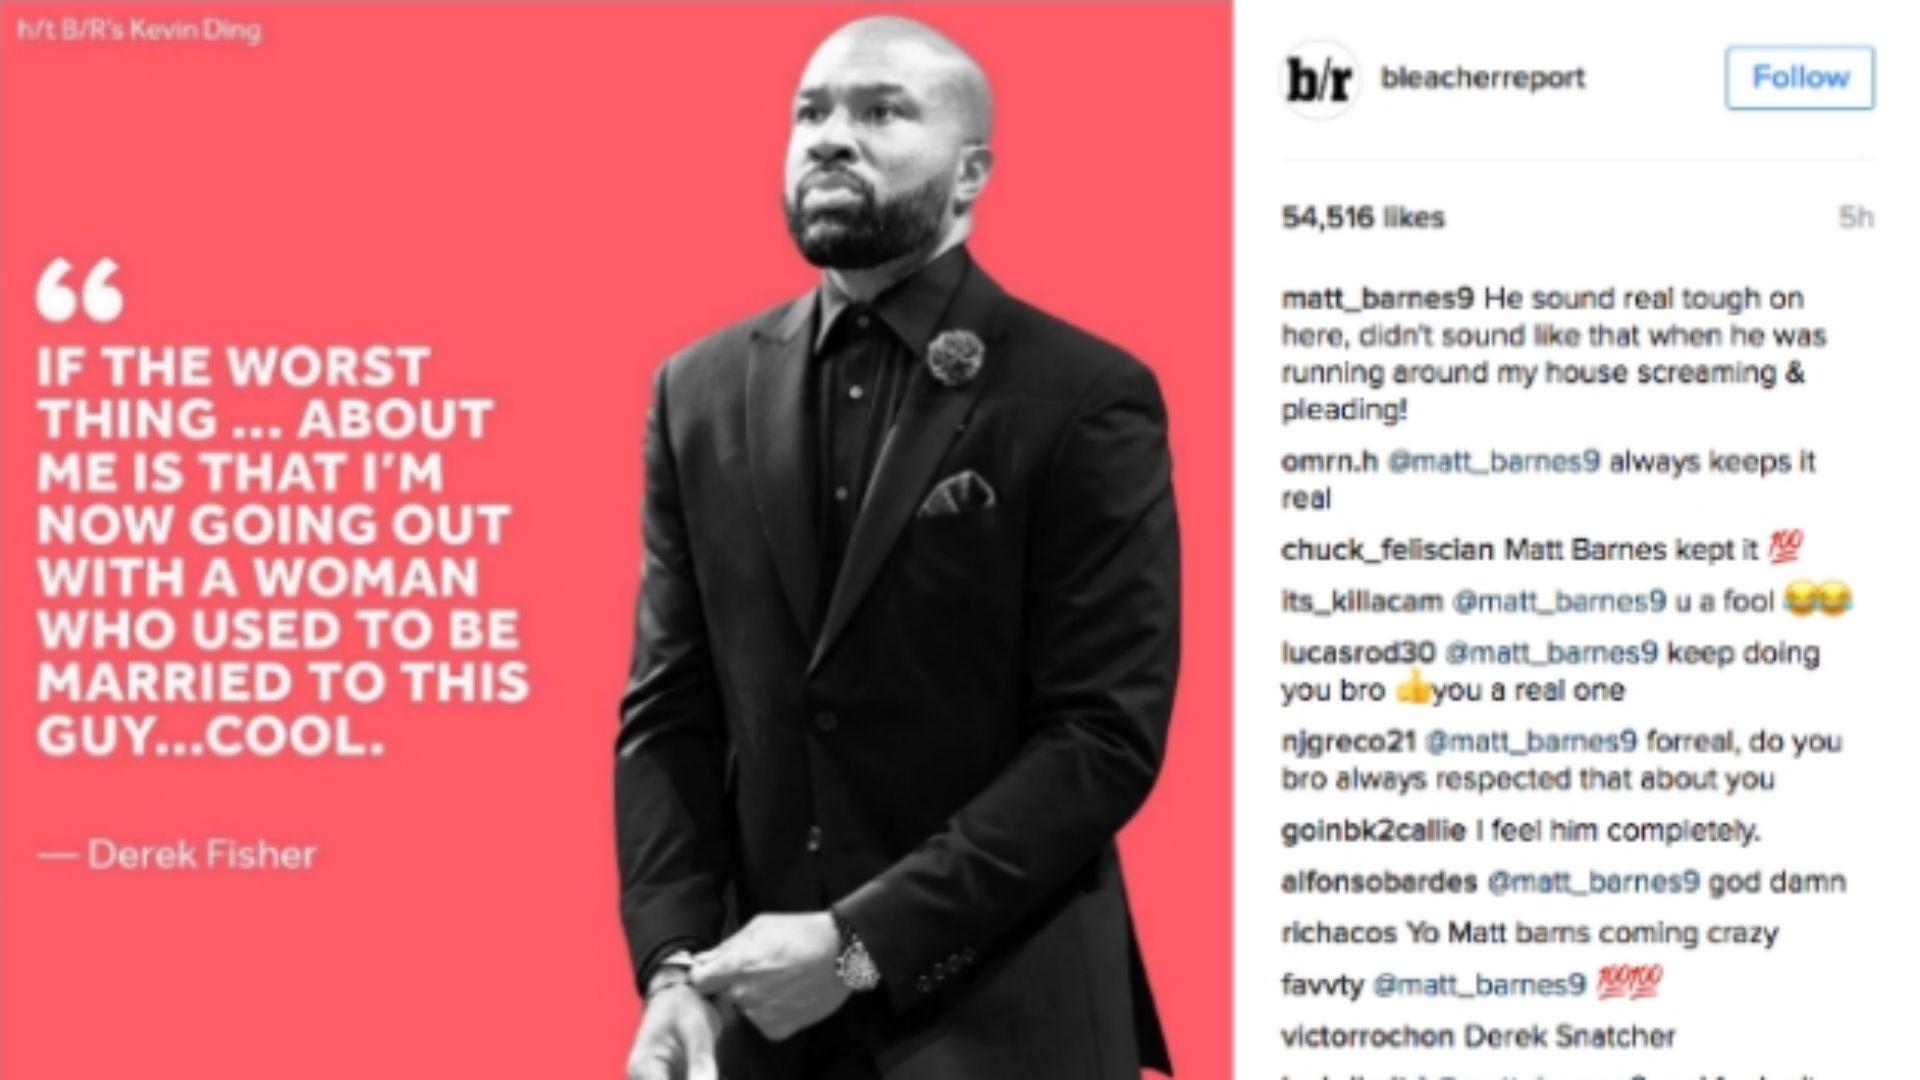 Matt Barnes checks tough guy Derek Fisher on Instagram